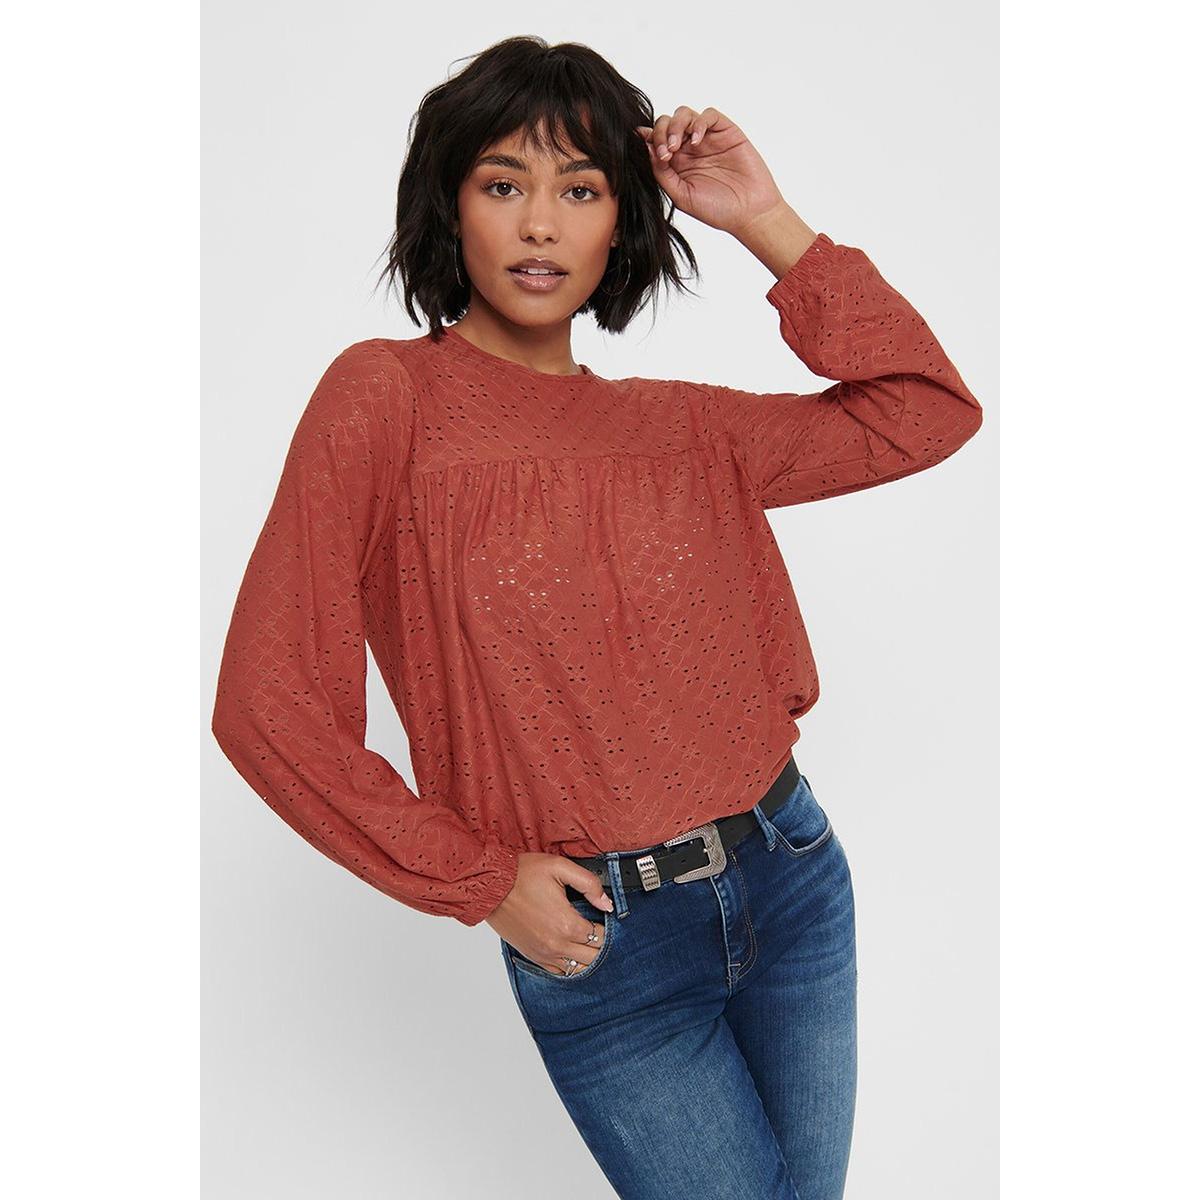 jdycathinka l/s top jrs 15198620 jacqueline de yong blouse hot sauce